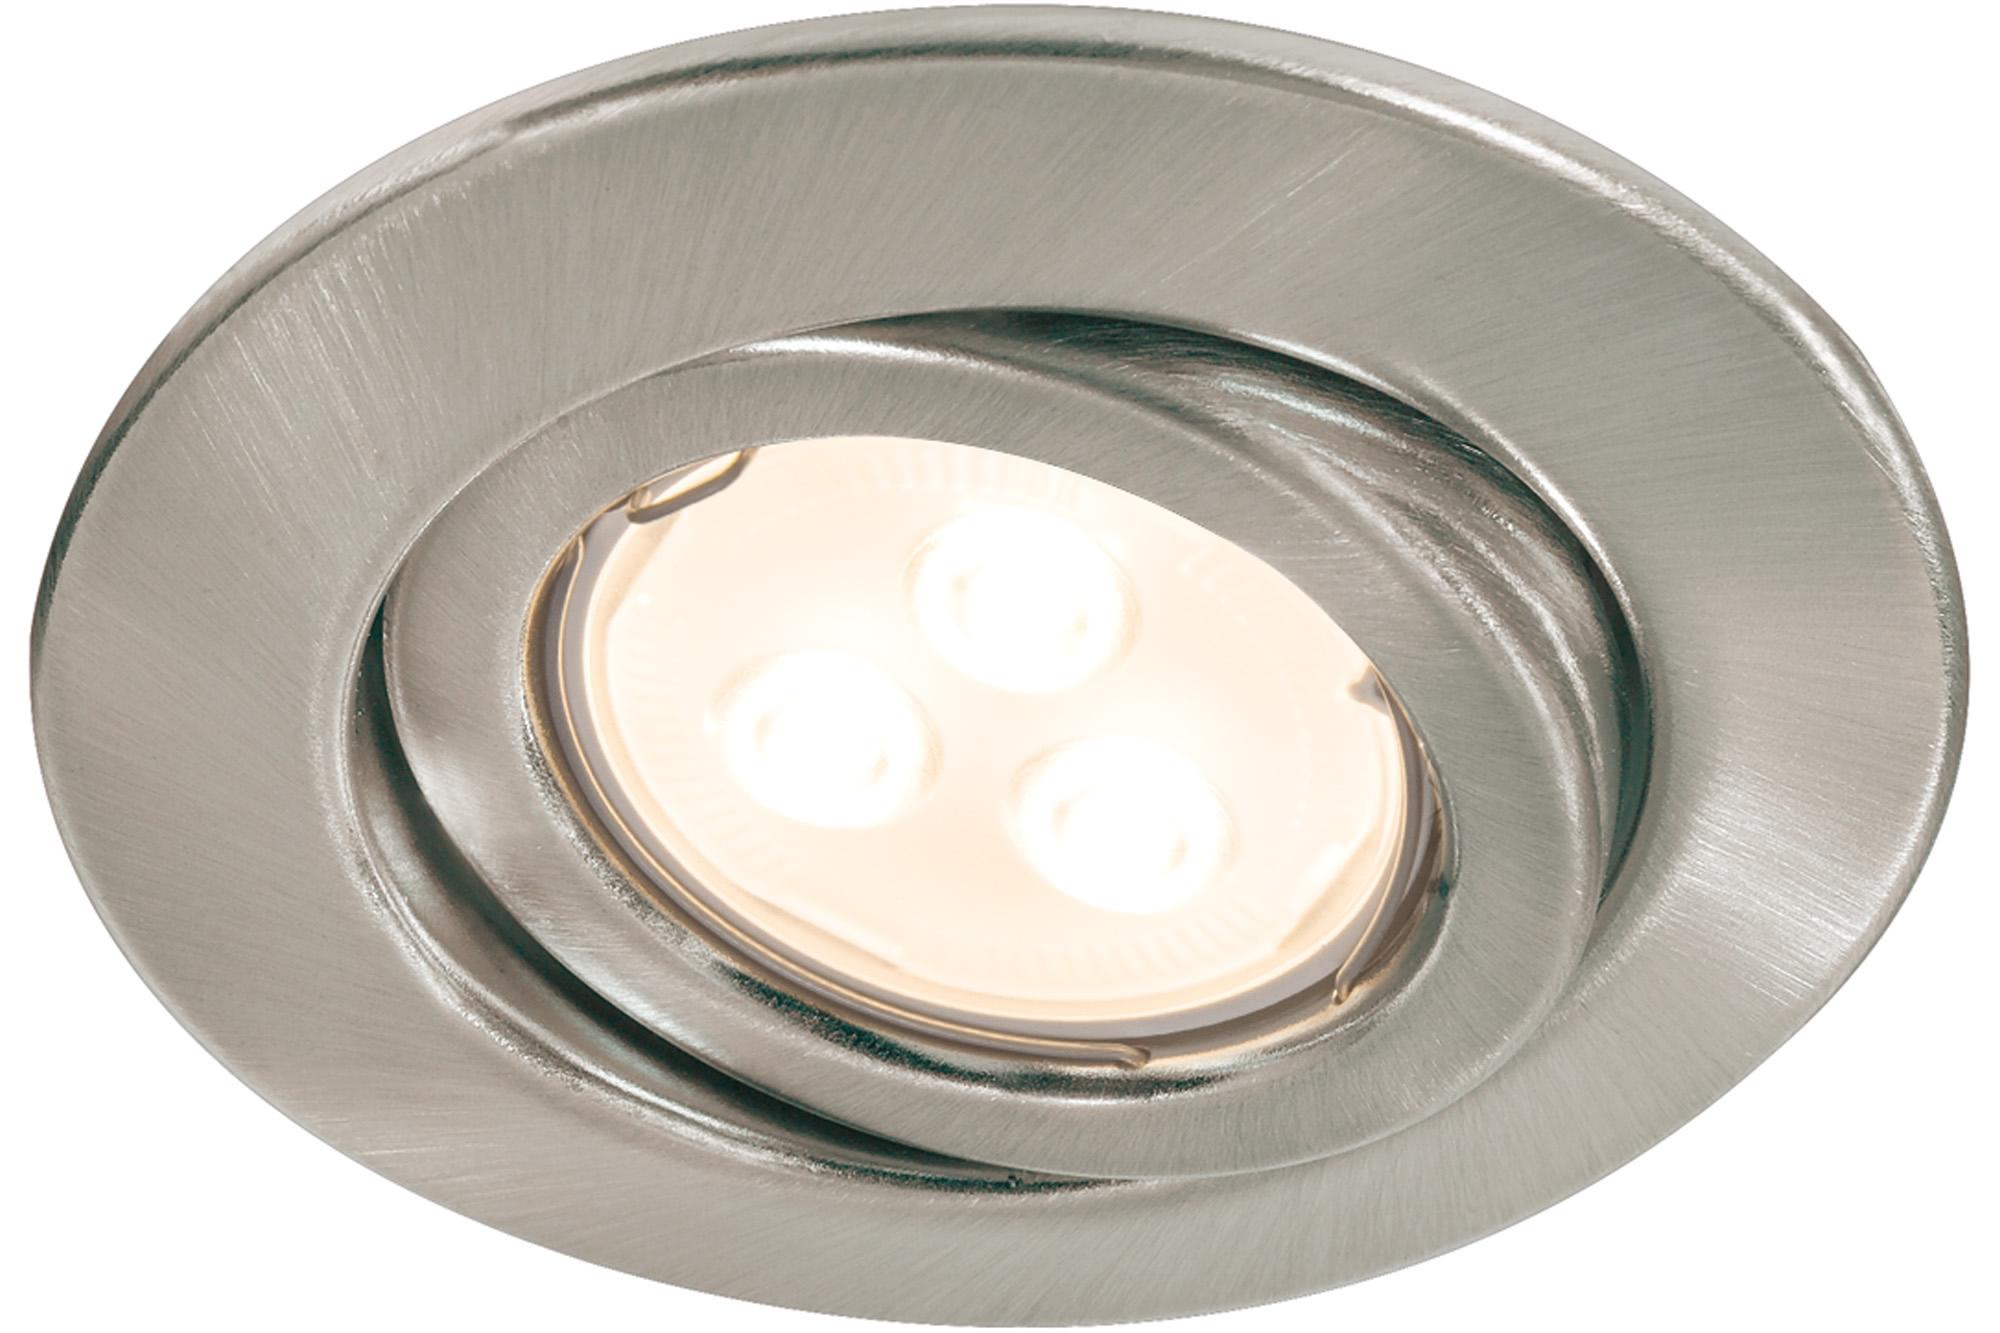 Paulmann. 92026 Quality EBL Set schw LED 3x4W GU10 Eis-g